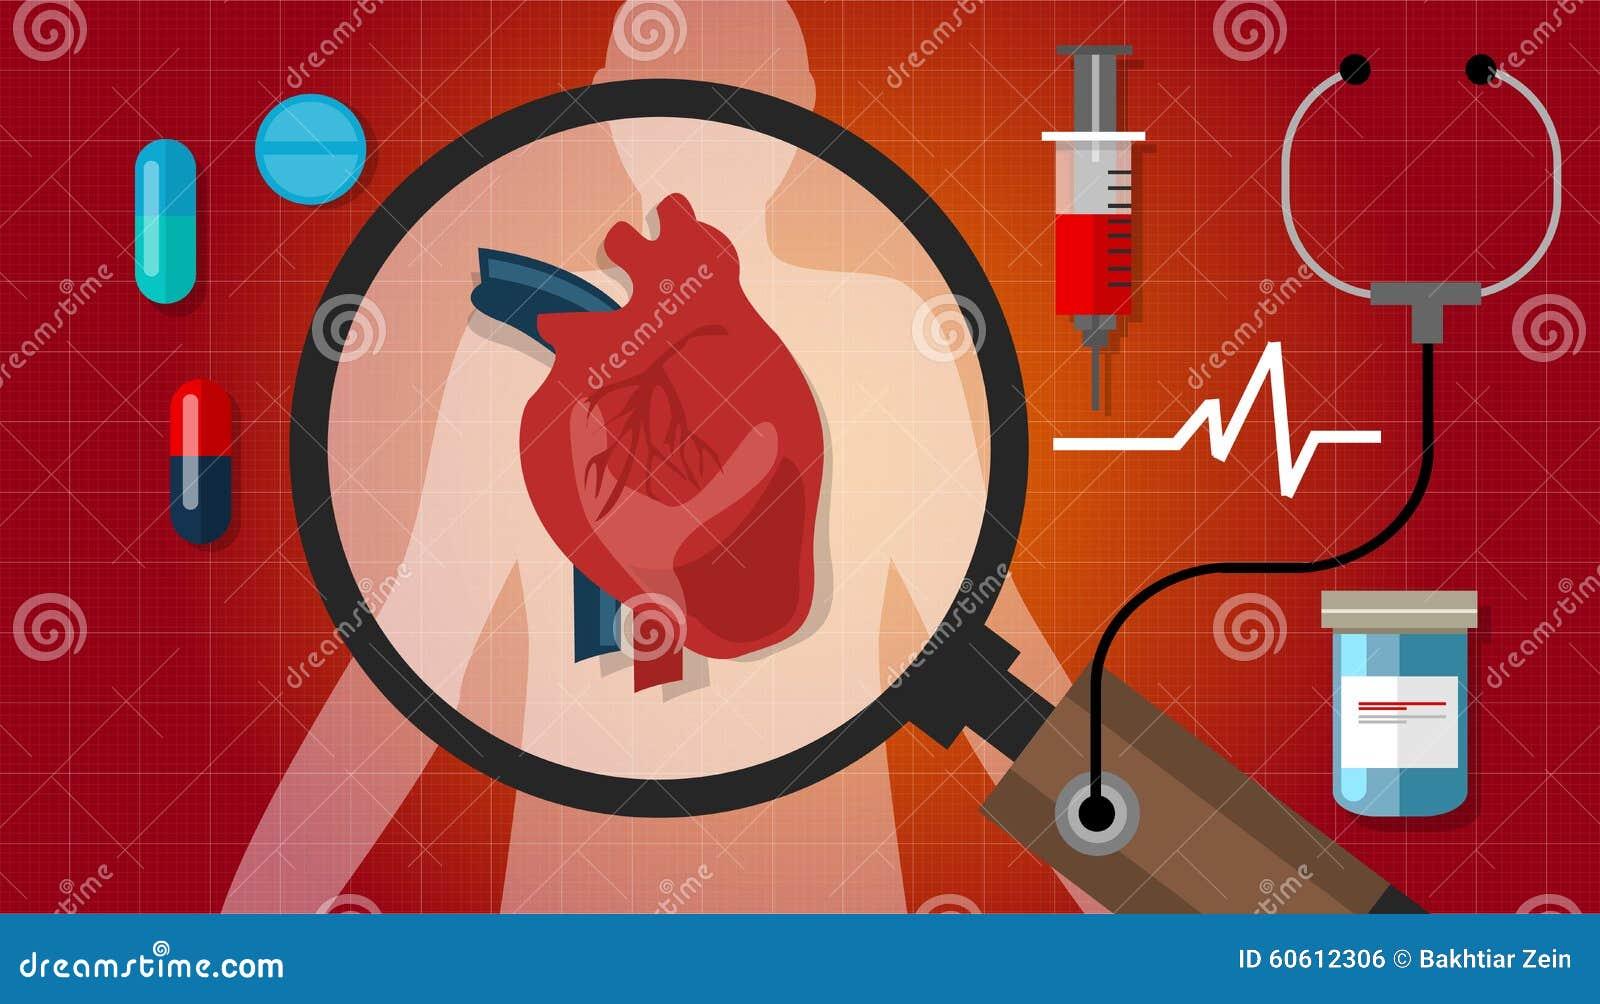 Ícone cardiovascular da cardiologia da saúde humana do ataque da doença cardíaca